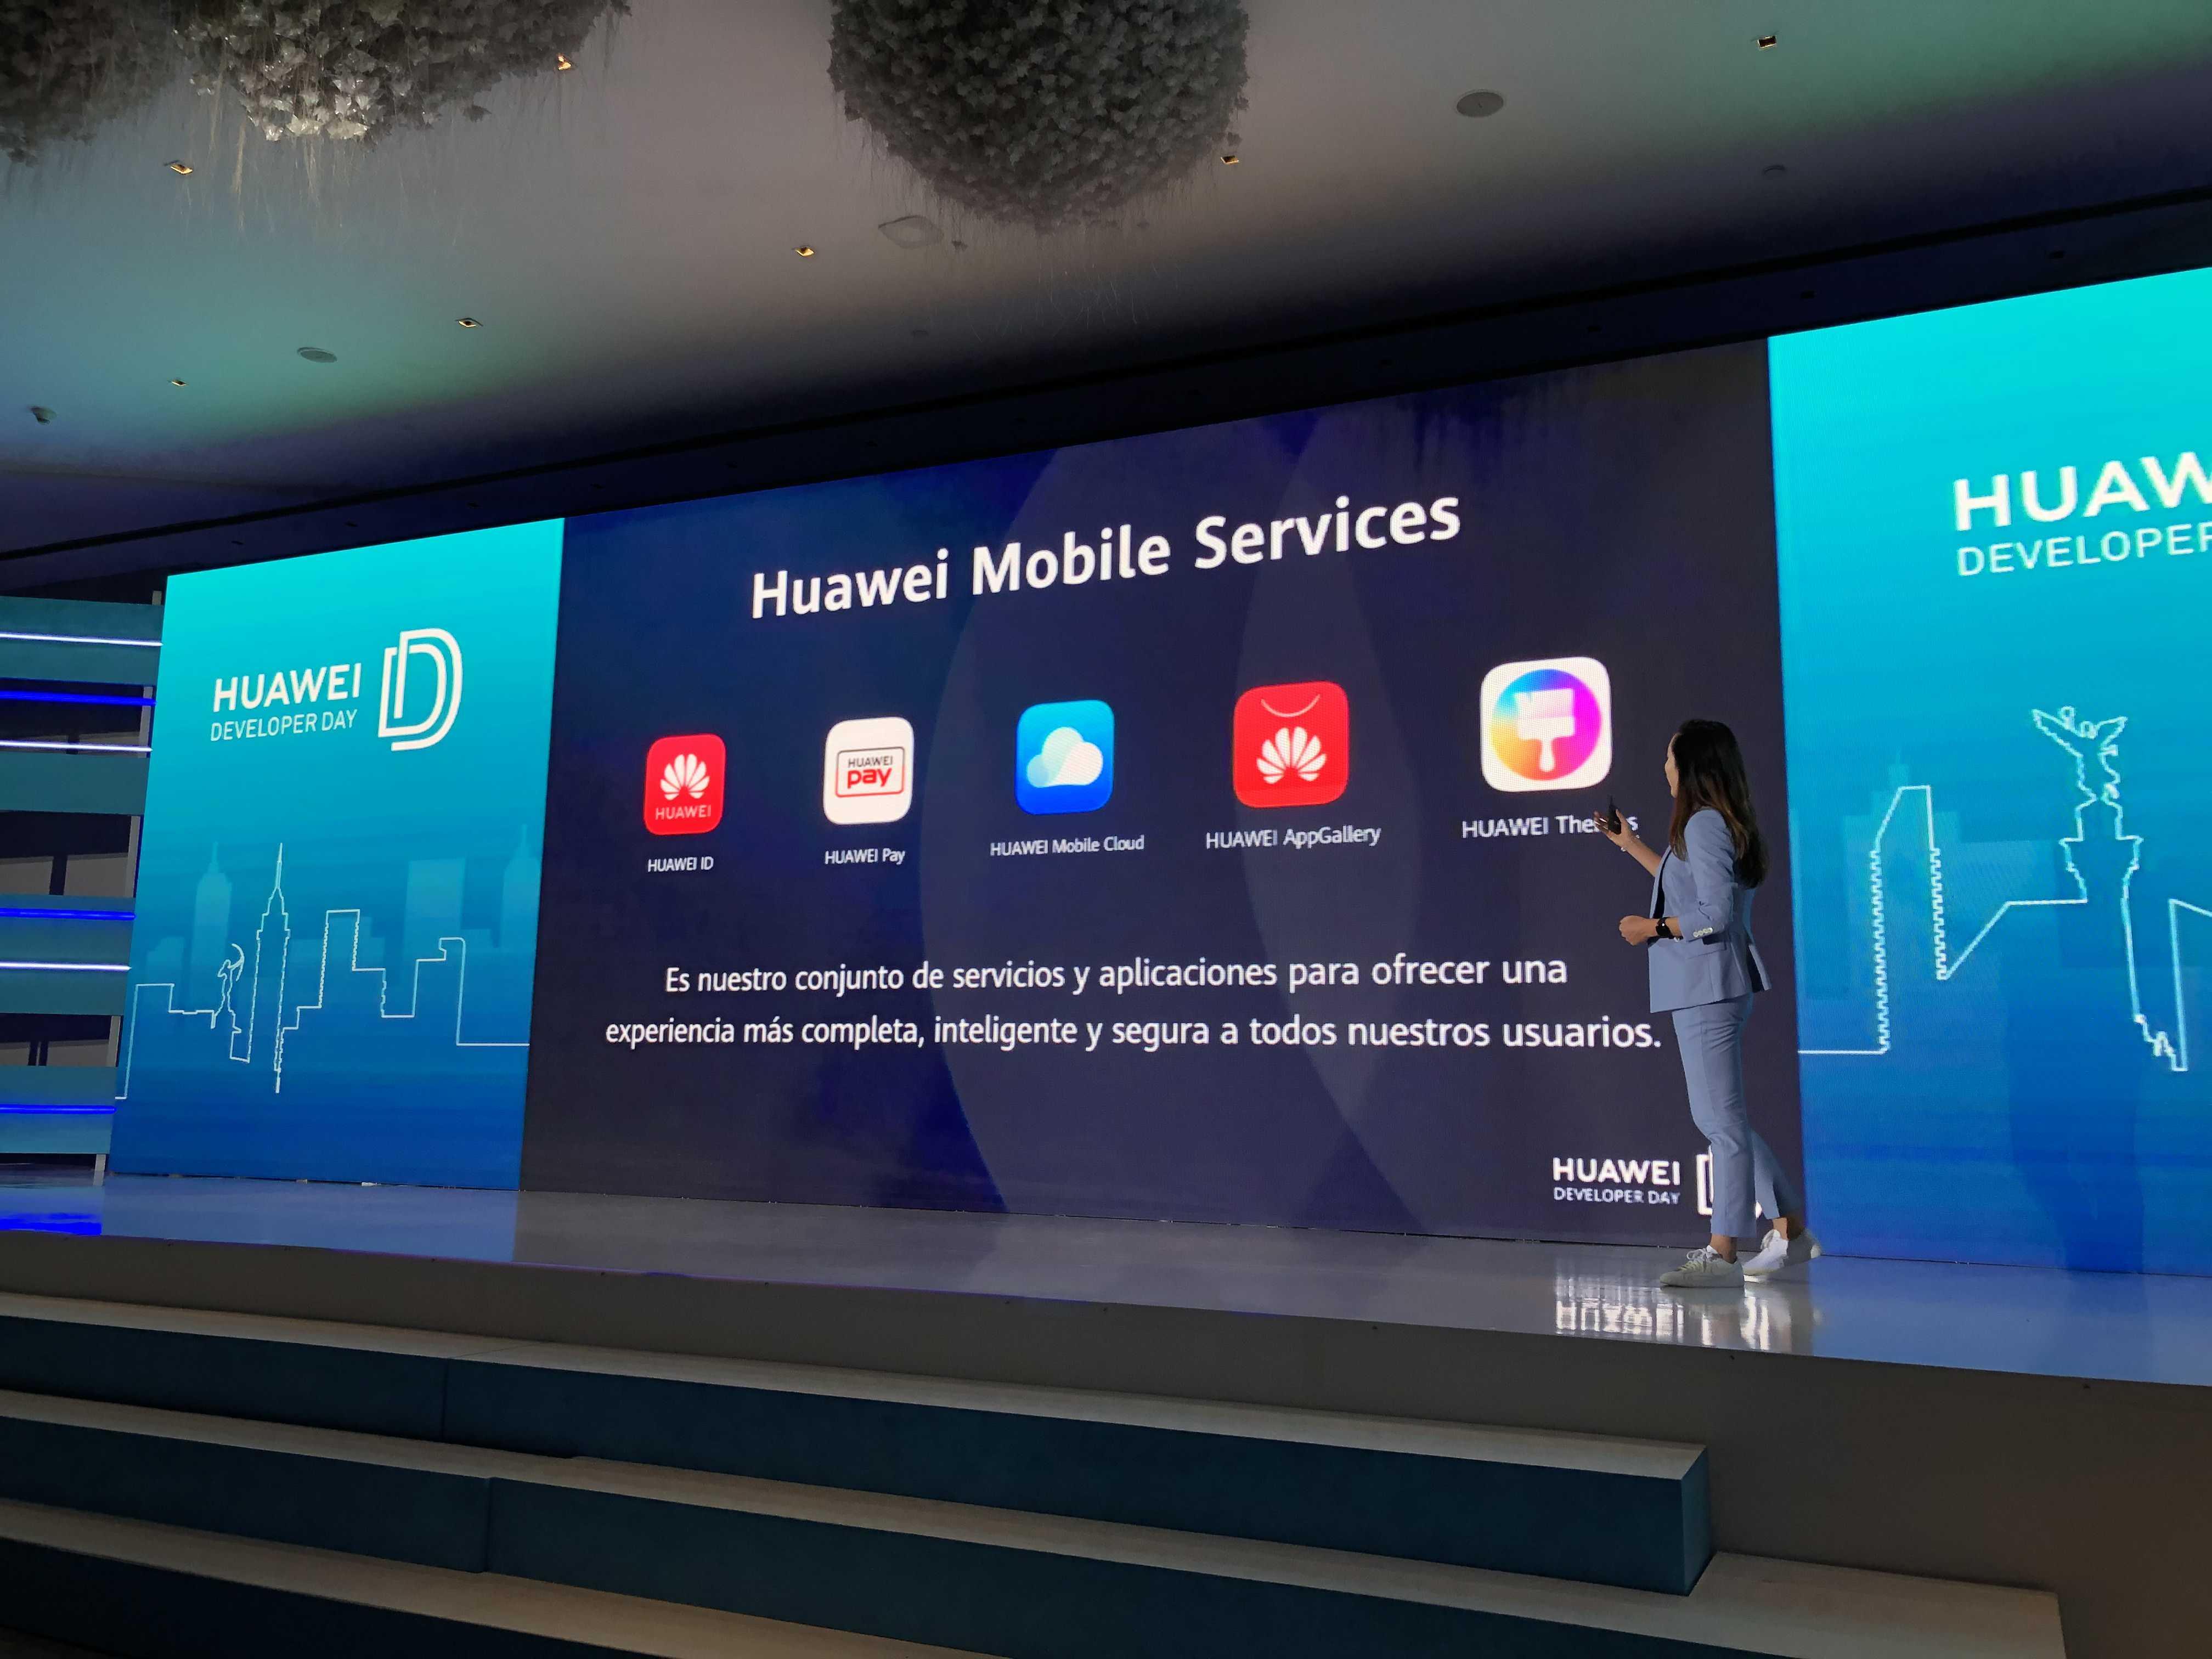 Трамп «помиловал» huawei. компании дали временный допуск к американским технологиям - cnews